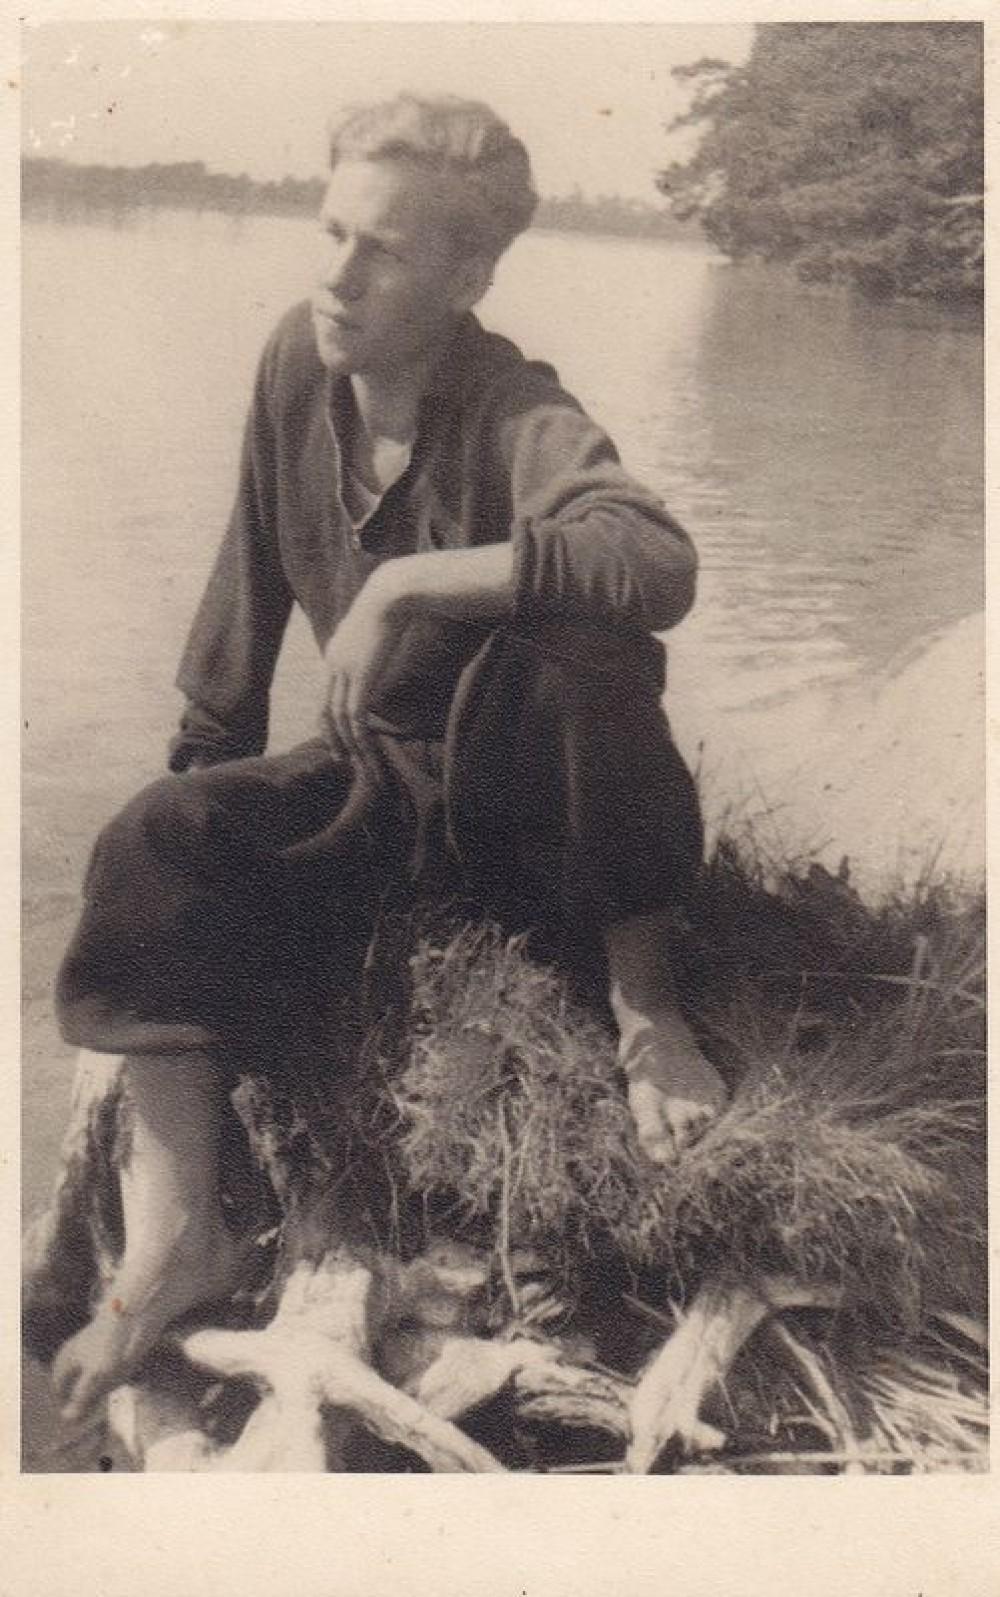 Henrikas Nagys prie Alaušo ežero. 1939 m.